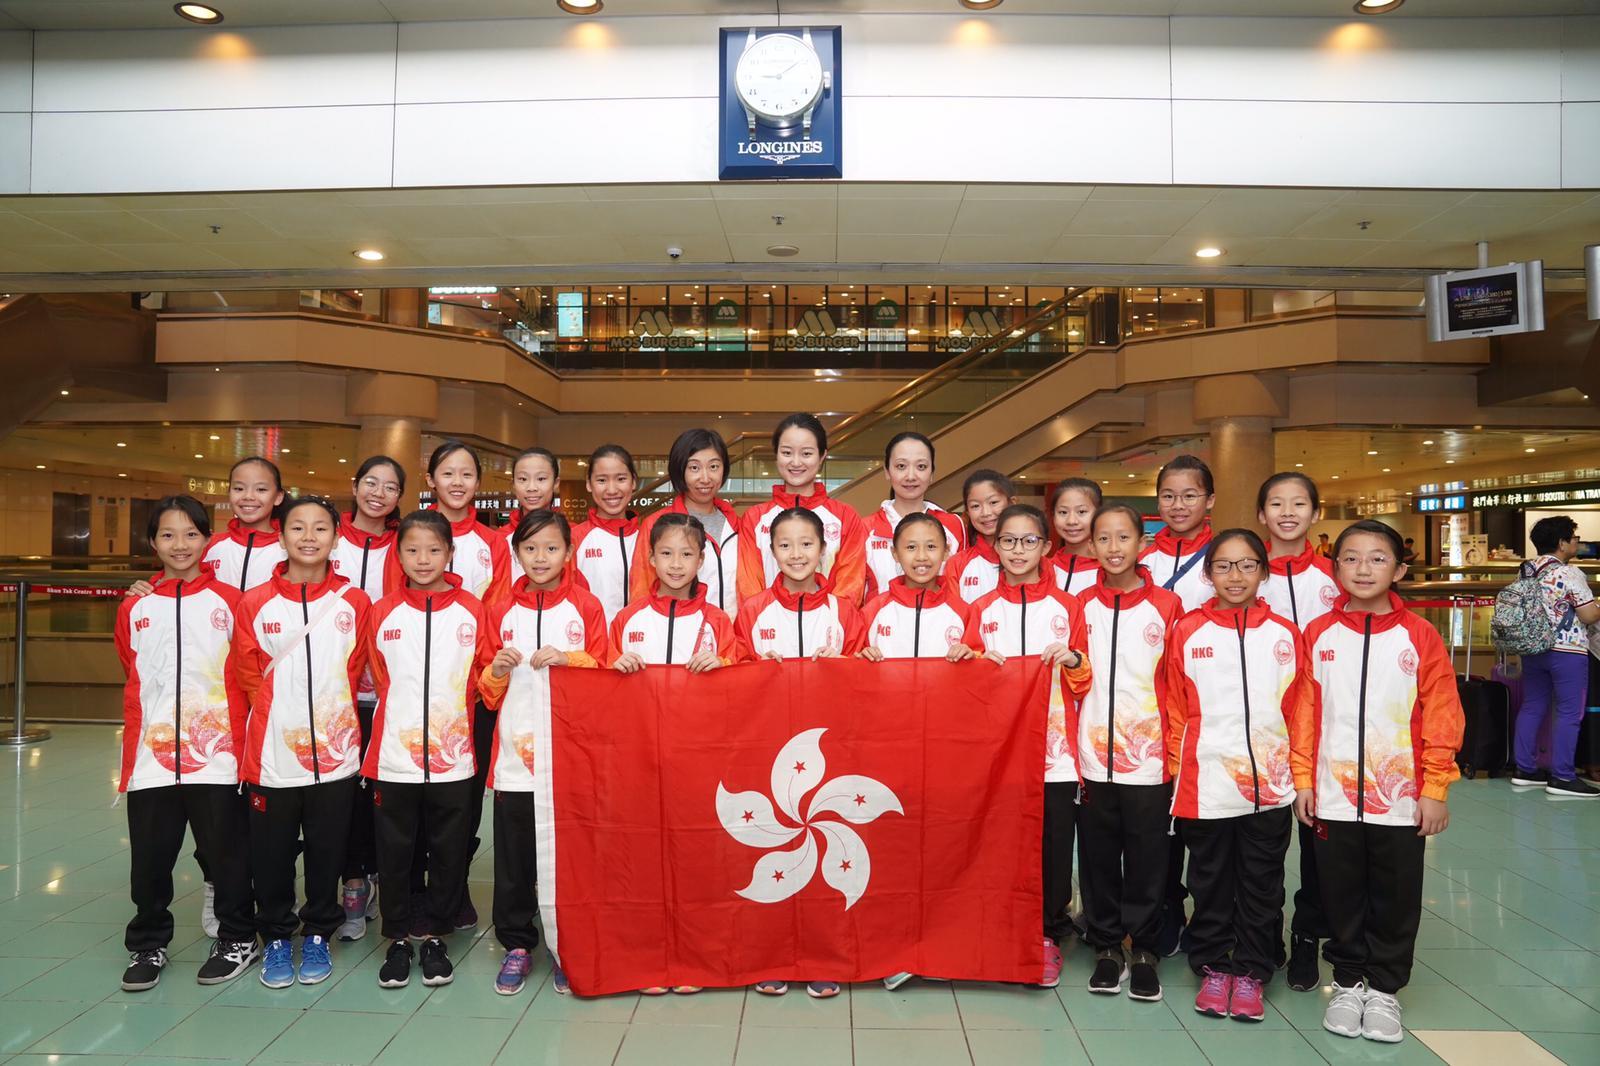 香港韻律泳隊周日完成一連三日的澳門國際藝術游泳邀請賽,派出廿一名選手參賽共斬獲七金一銀。相片由公關提供。